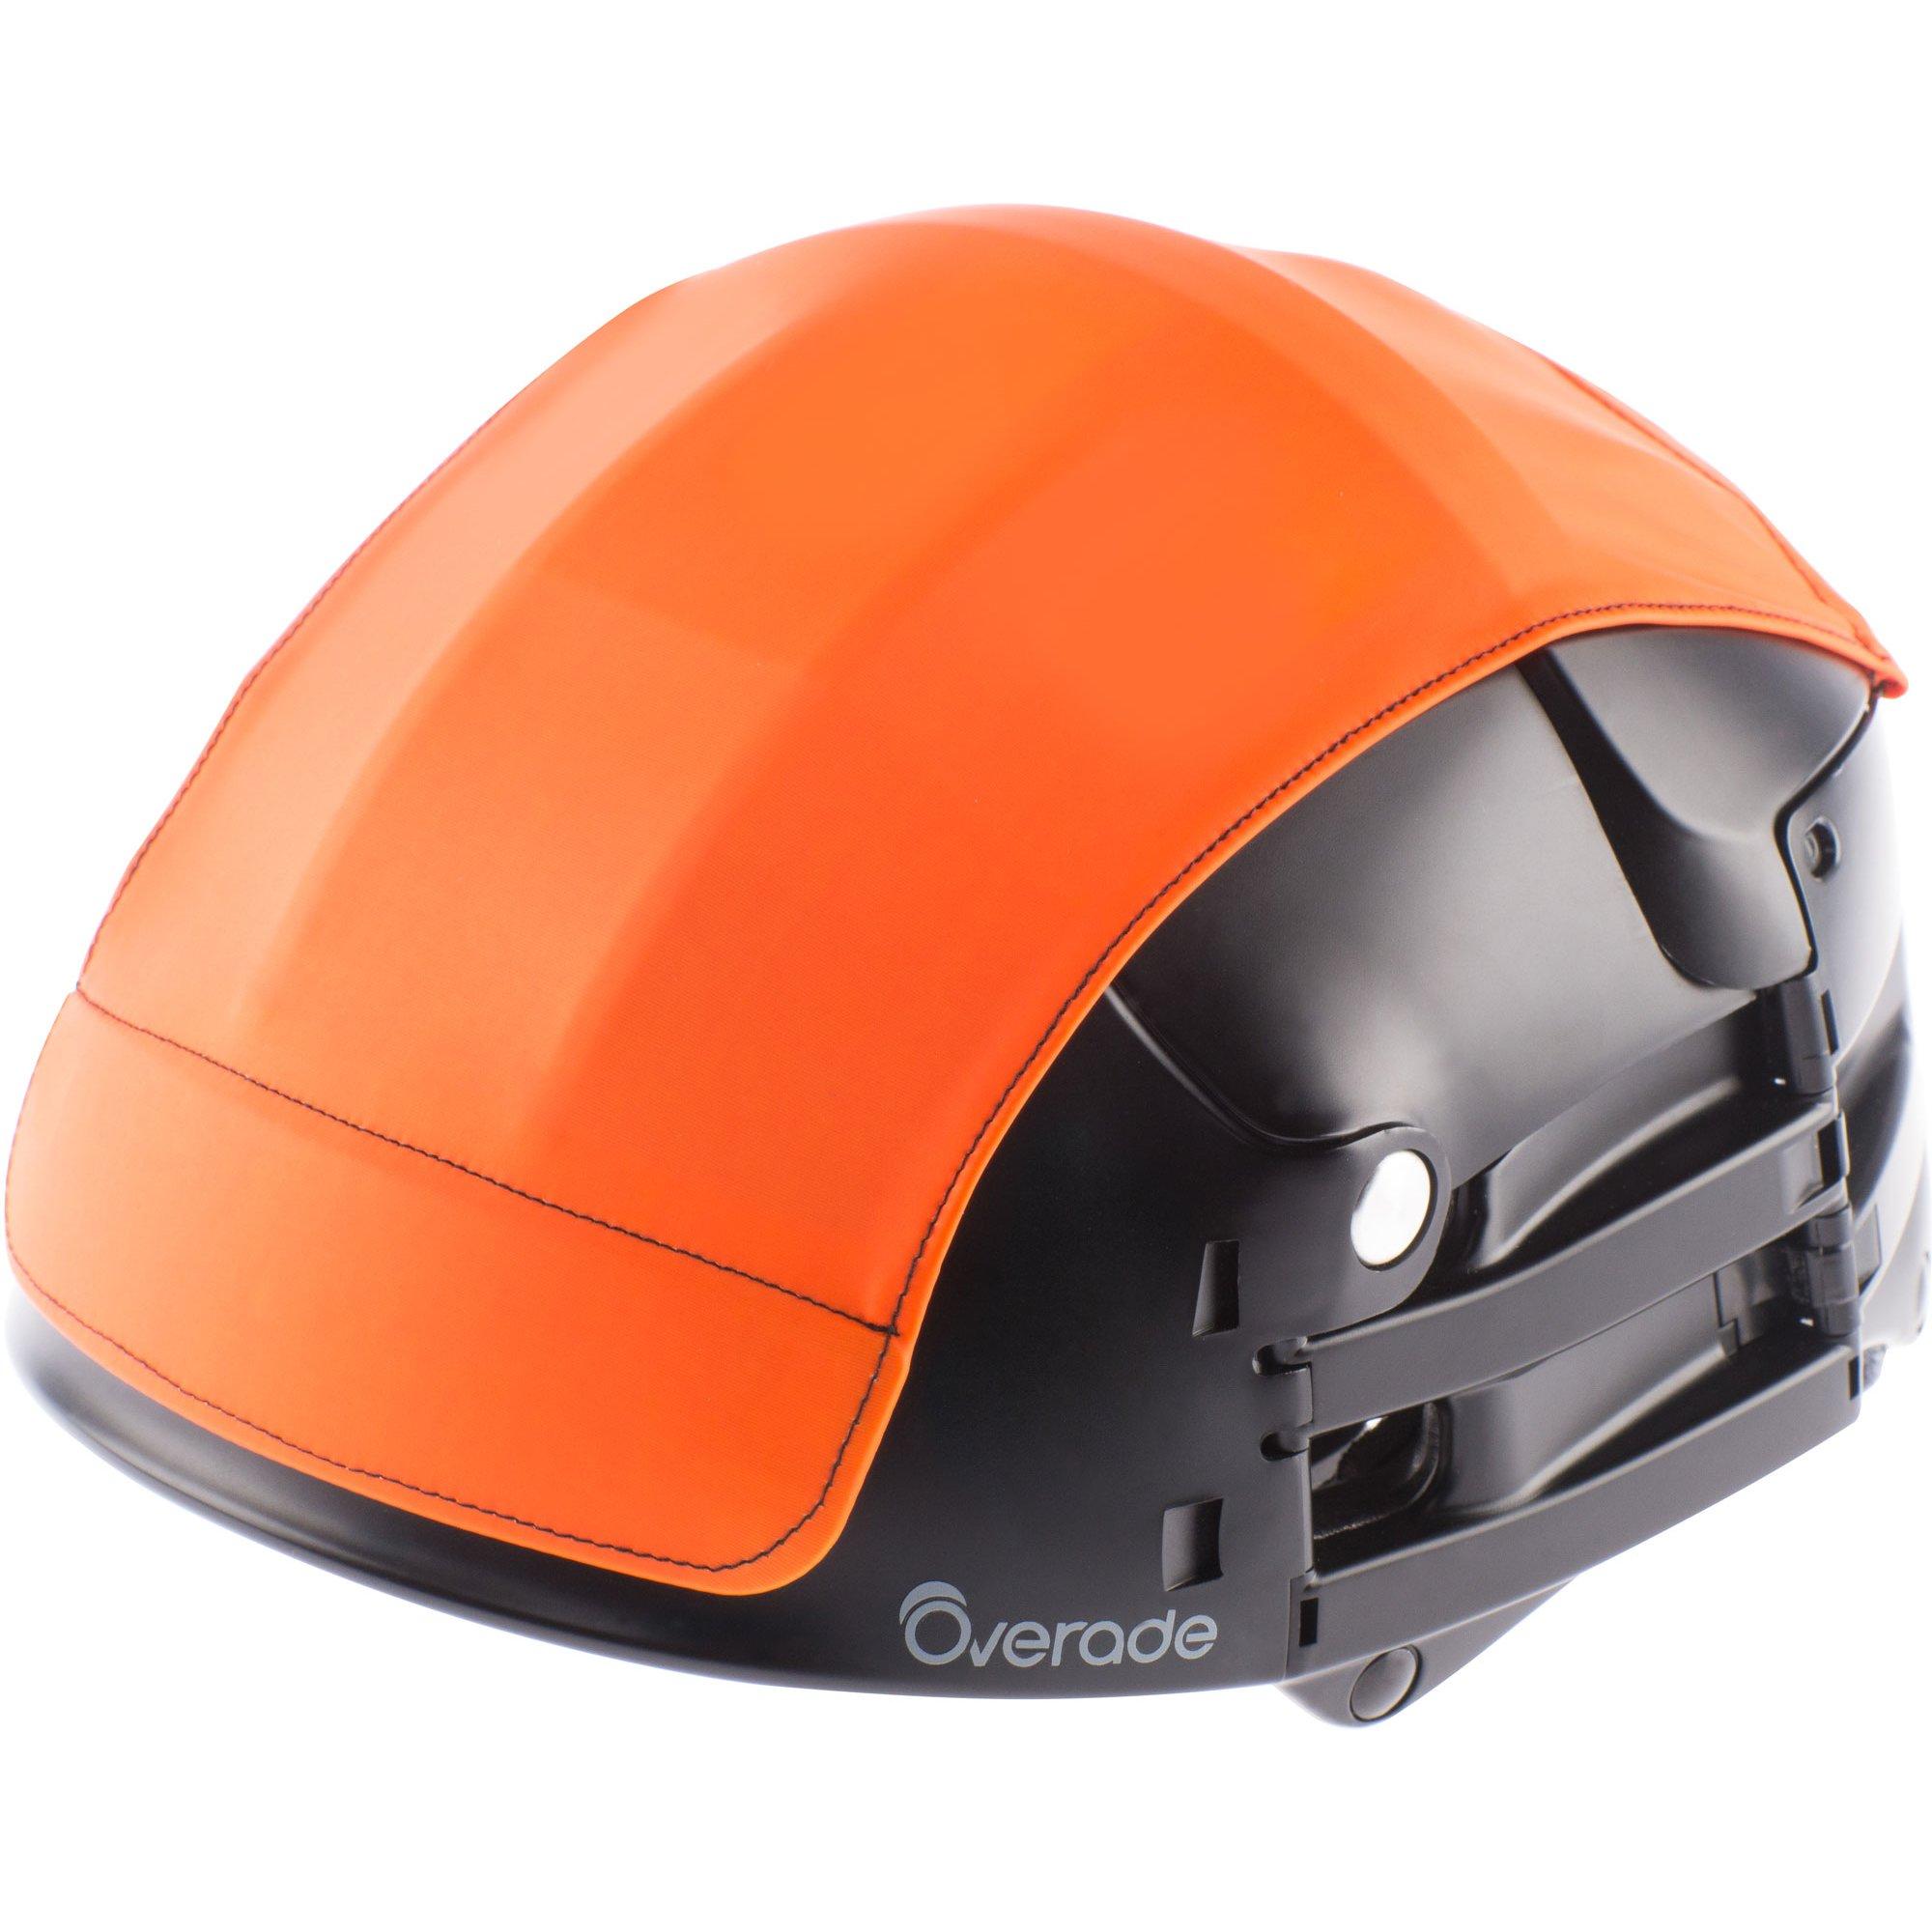 Overade Plixi S-M cover, orange